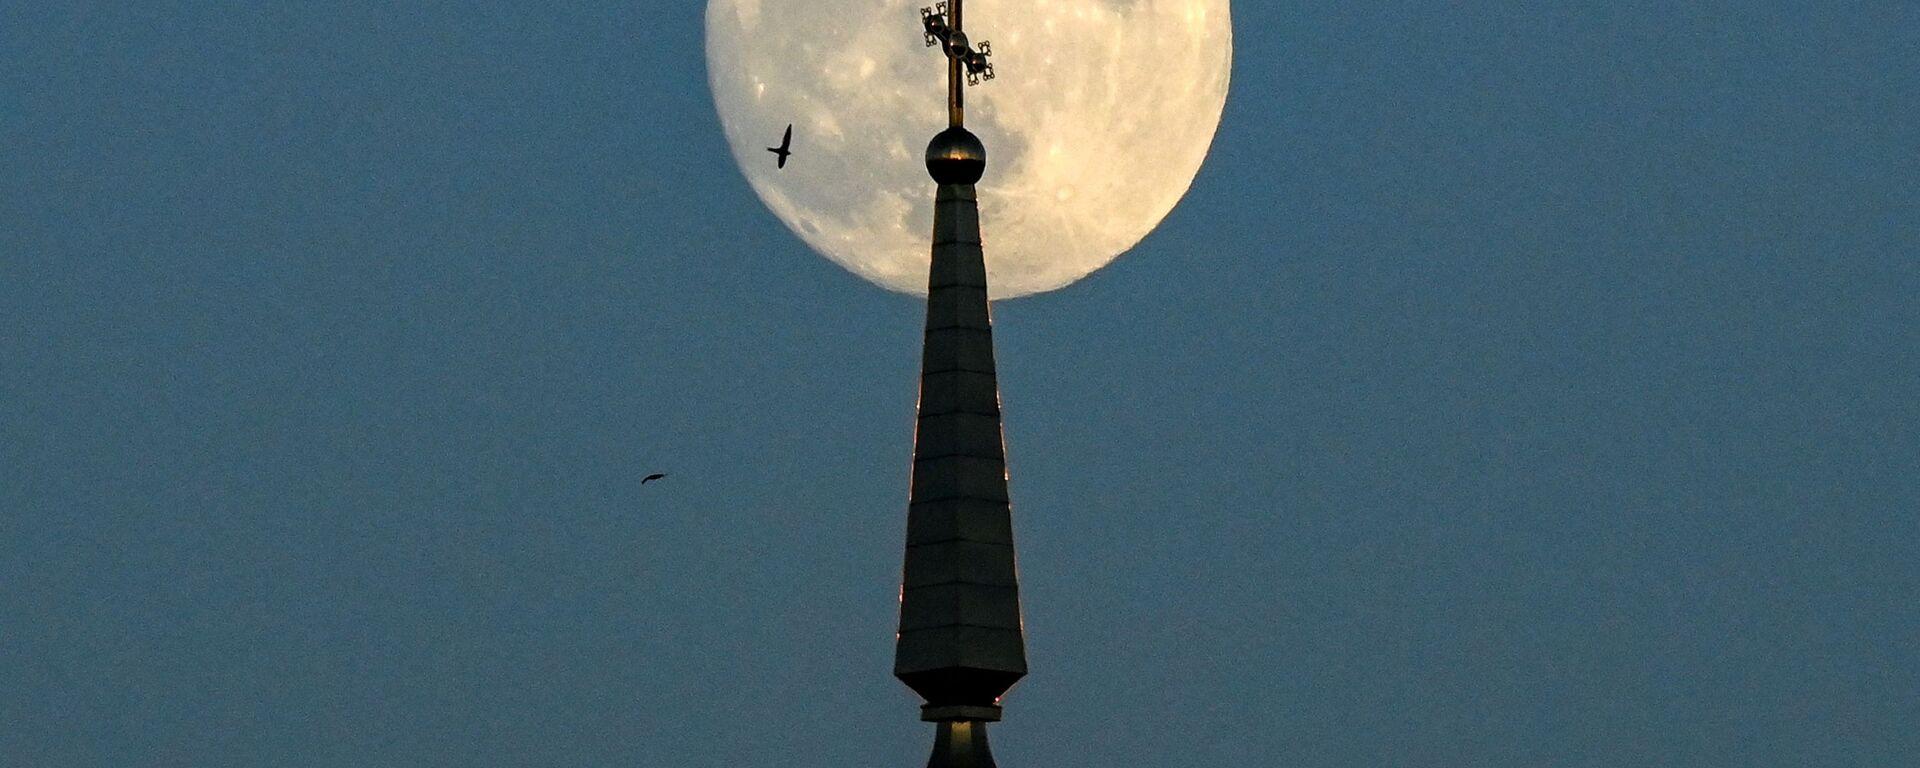 Полная луна в Воронежской области - Sputnik Грузия, 1920, 22.08.2021